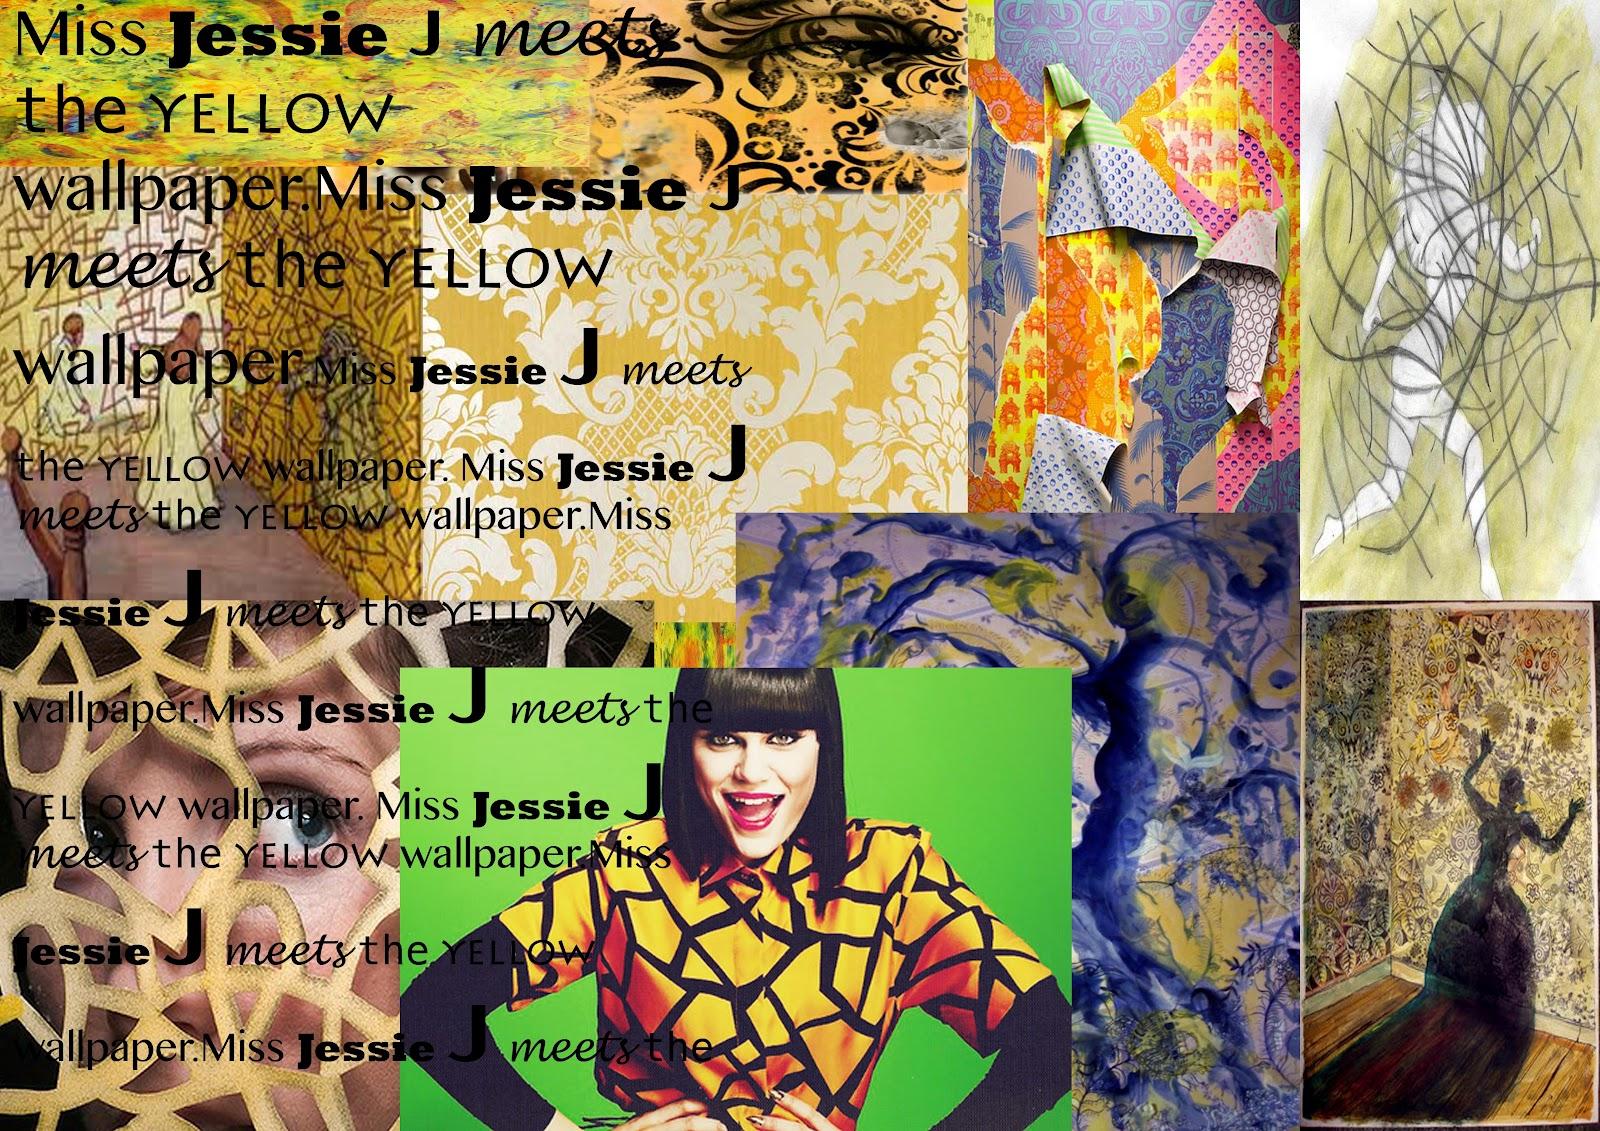 http://2.bp.blogspot.com/-f1ov7BisGzQ/T1_5MmGG0FI/AAAAAAAAAFA/PTQJFF22C6w/s1600/jessie+j+meets+the+yellow+wall+paper.jpg